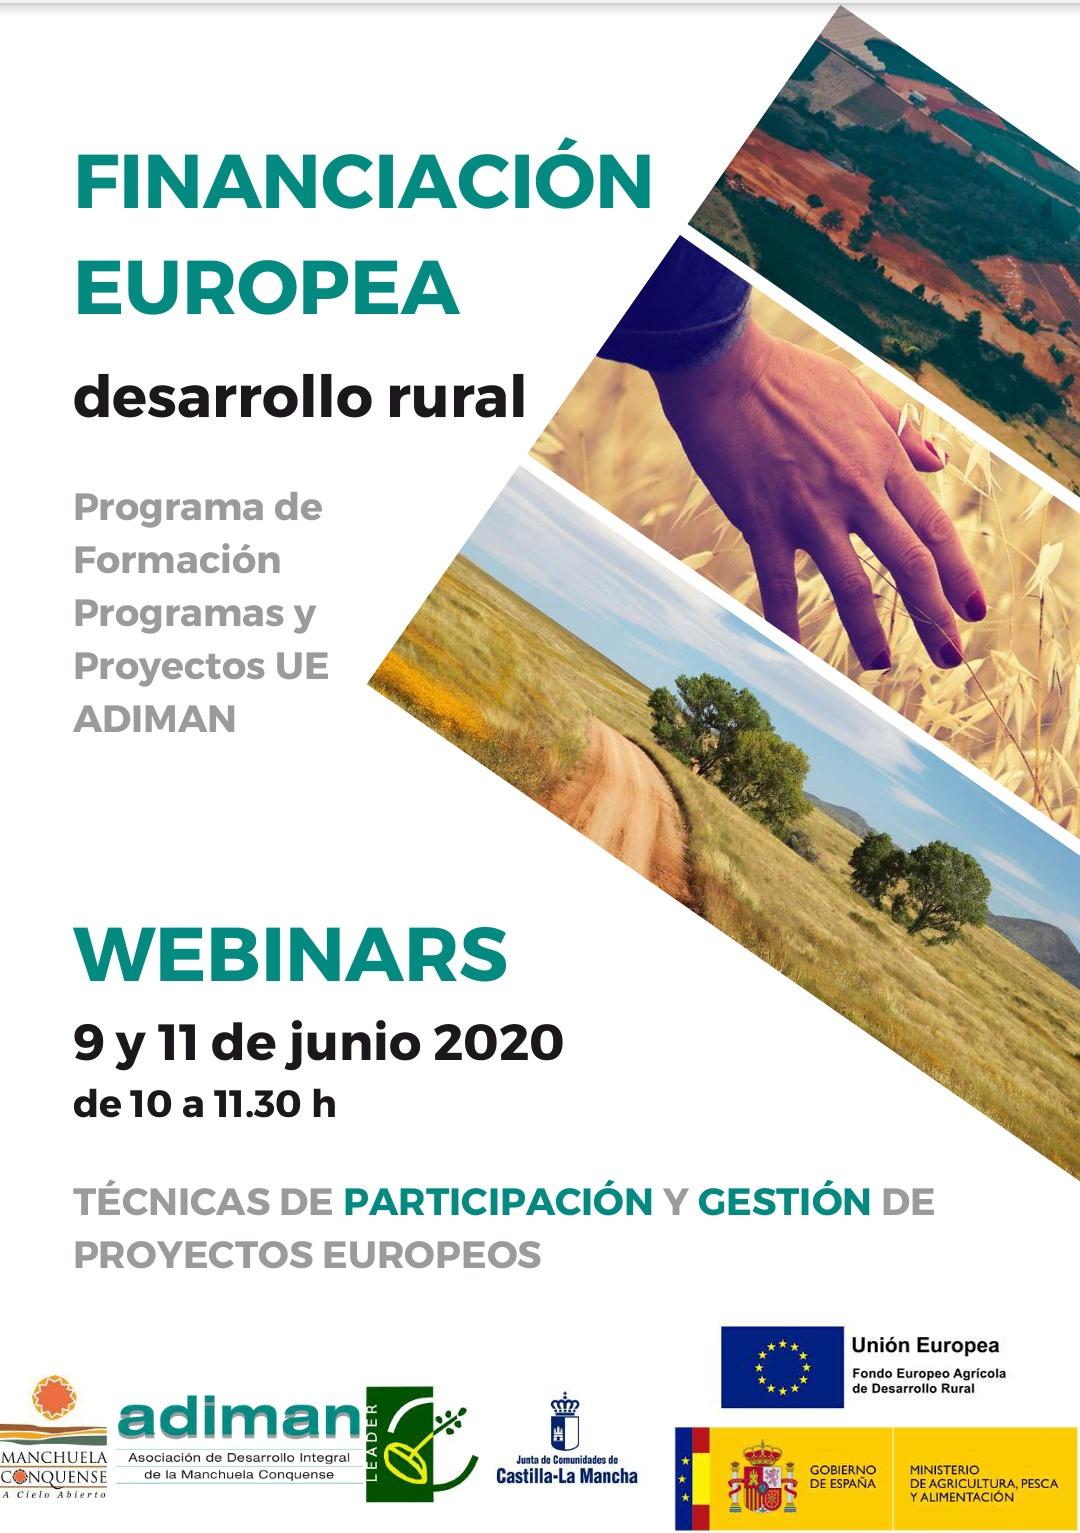 https://www.recamder.es/images/2020/Webinars_Adiman.jpg